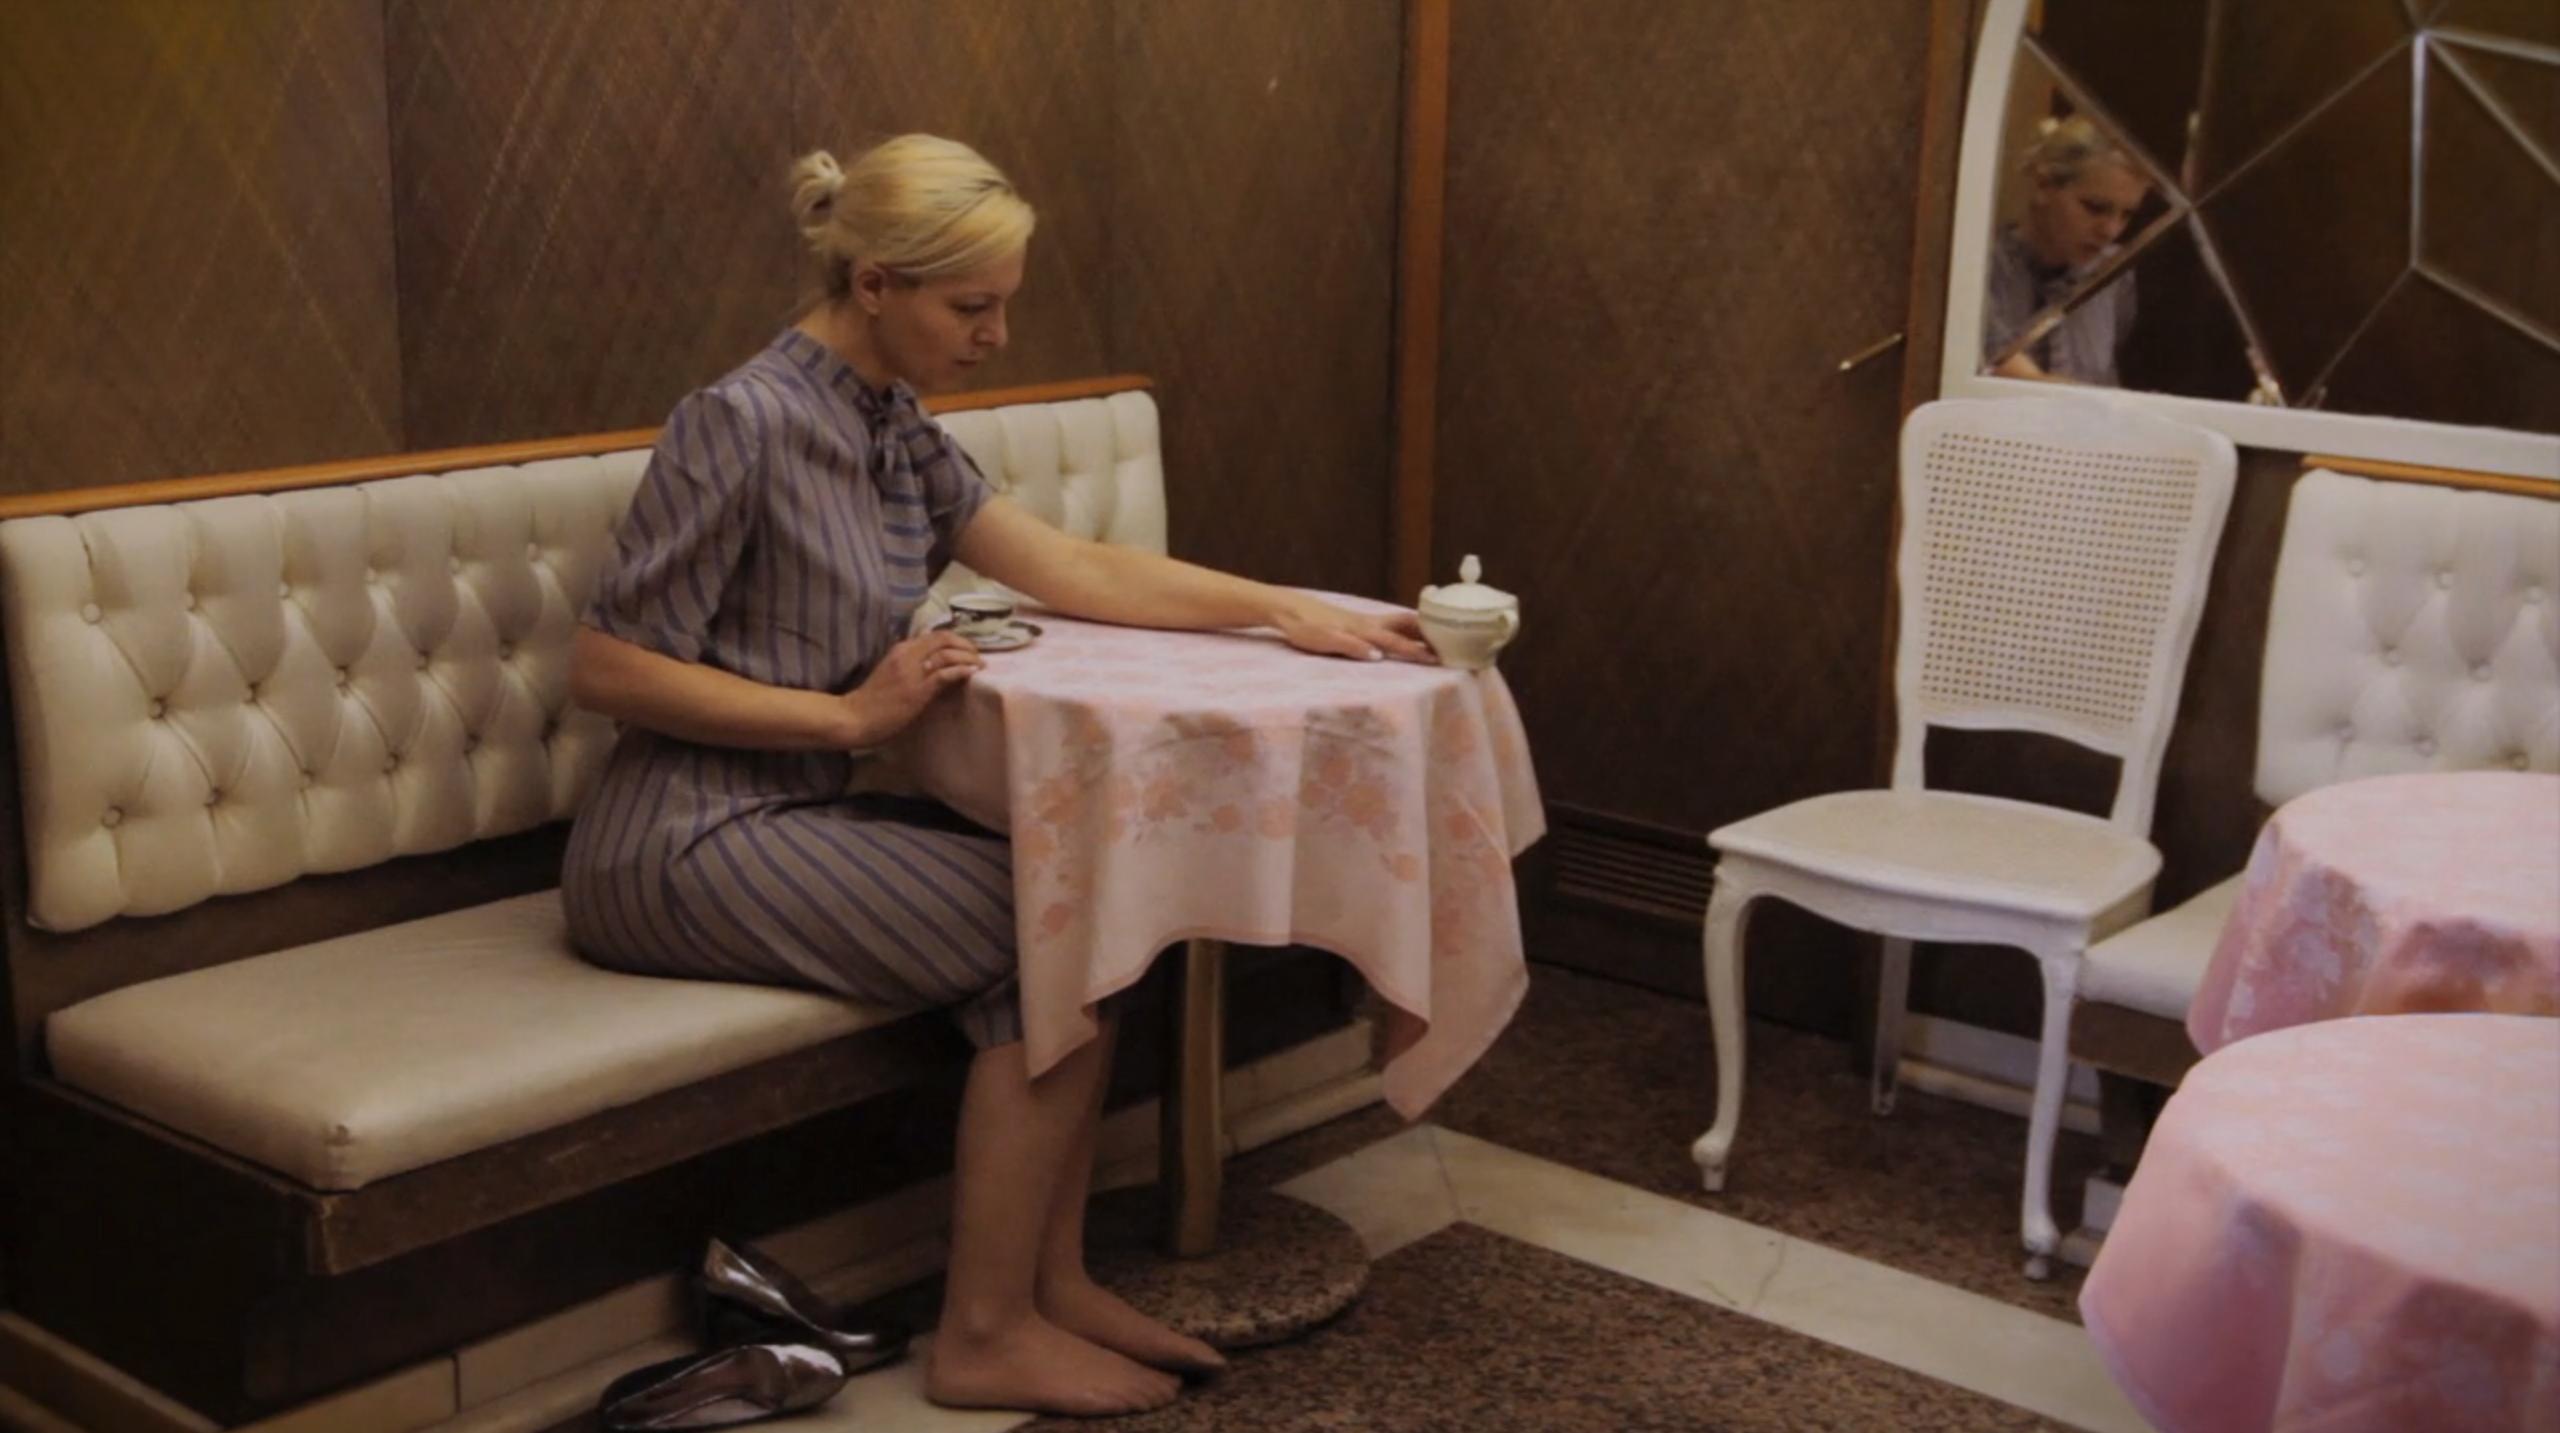 Karolina Breguła Cukiernica, wideo, performance dokamerowy, 2015, dzięki uprzejmości artystki igalerii lokal_30